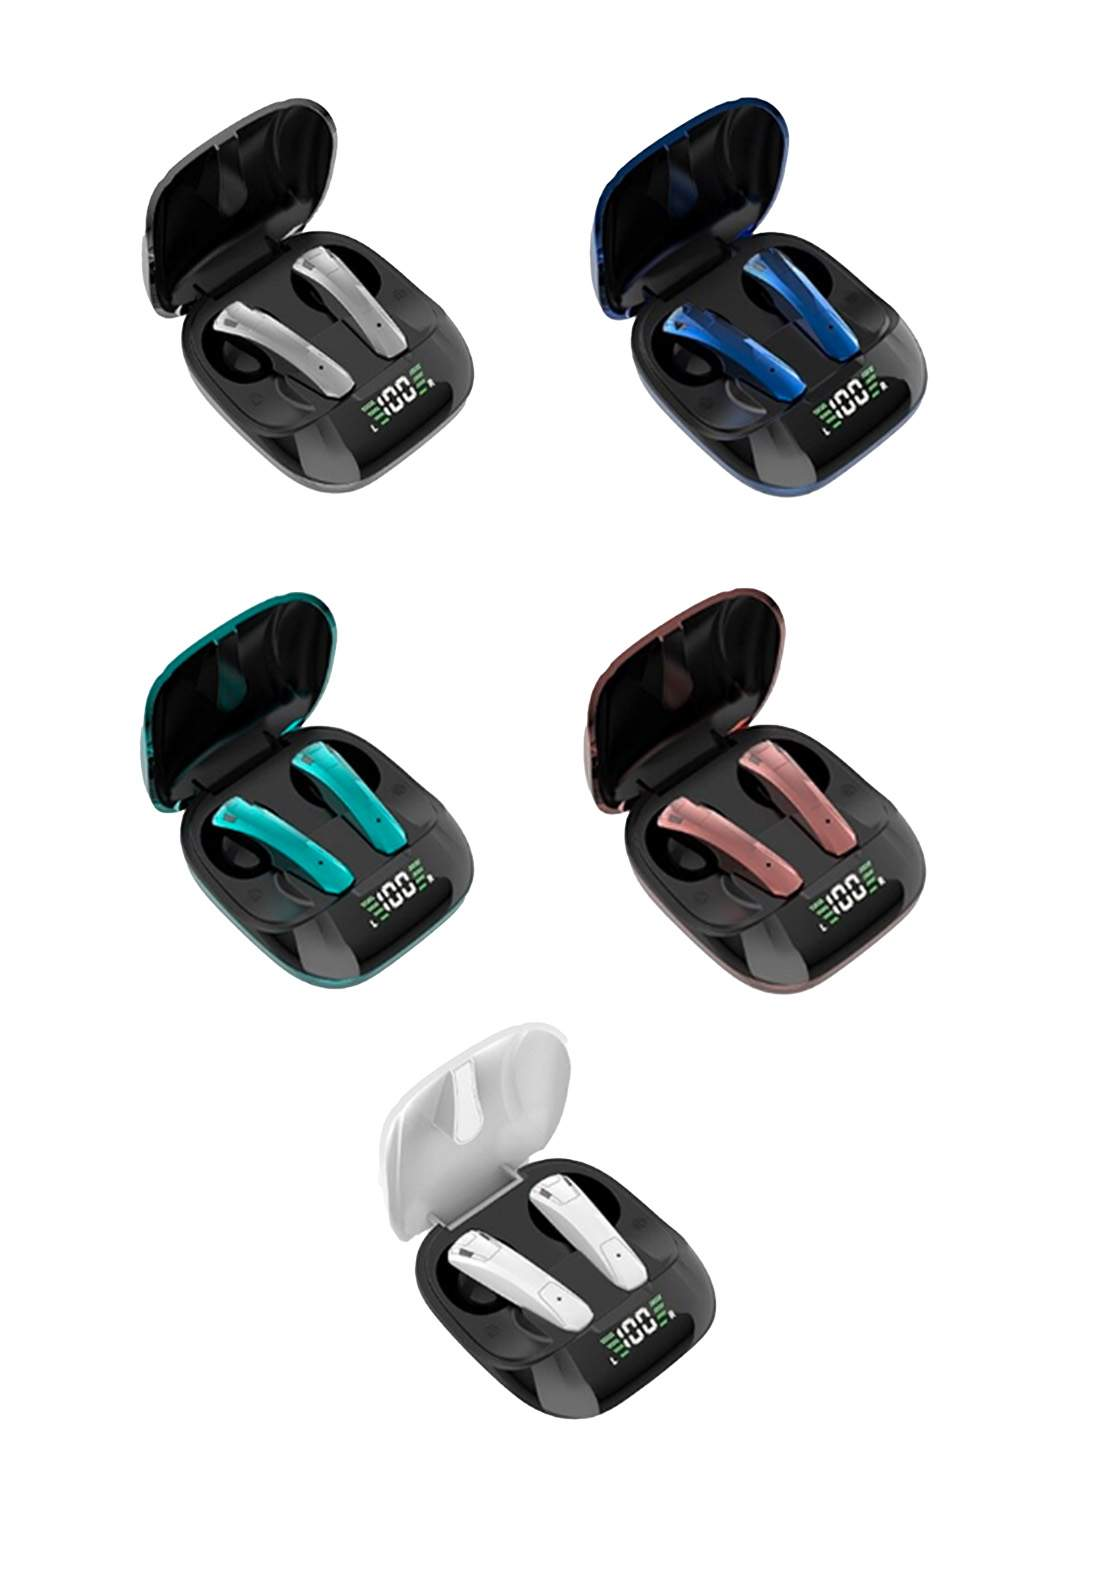 TWS E68 Wireless Headphones for Android سماعة لاسلكية